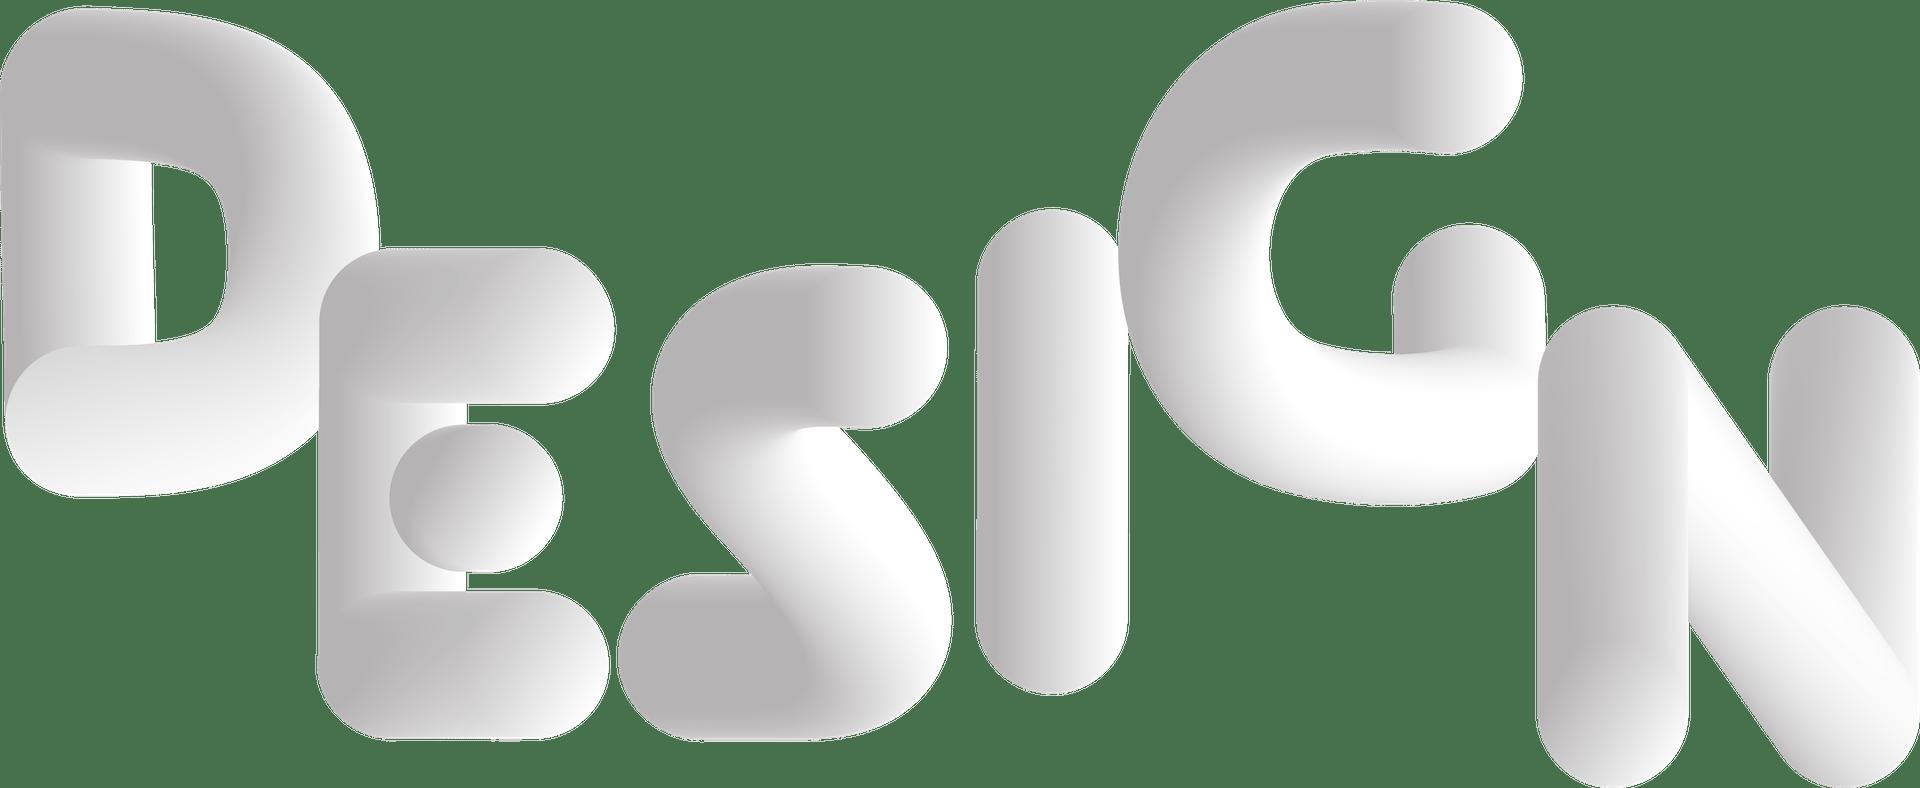 minuteman Leistungen - farbloses Bild- Schriftzug Design - Logo, Vektoreisierung, Illustrationen, Infografiken, Icons